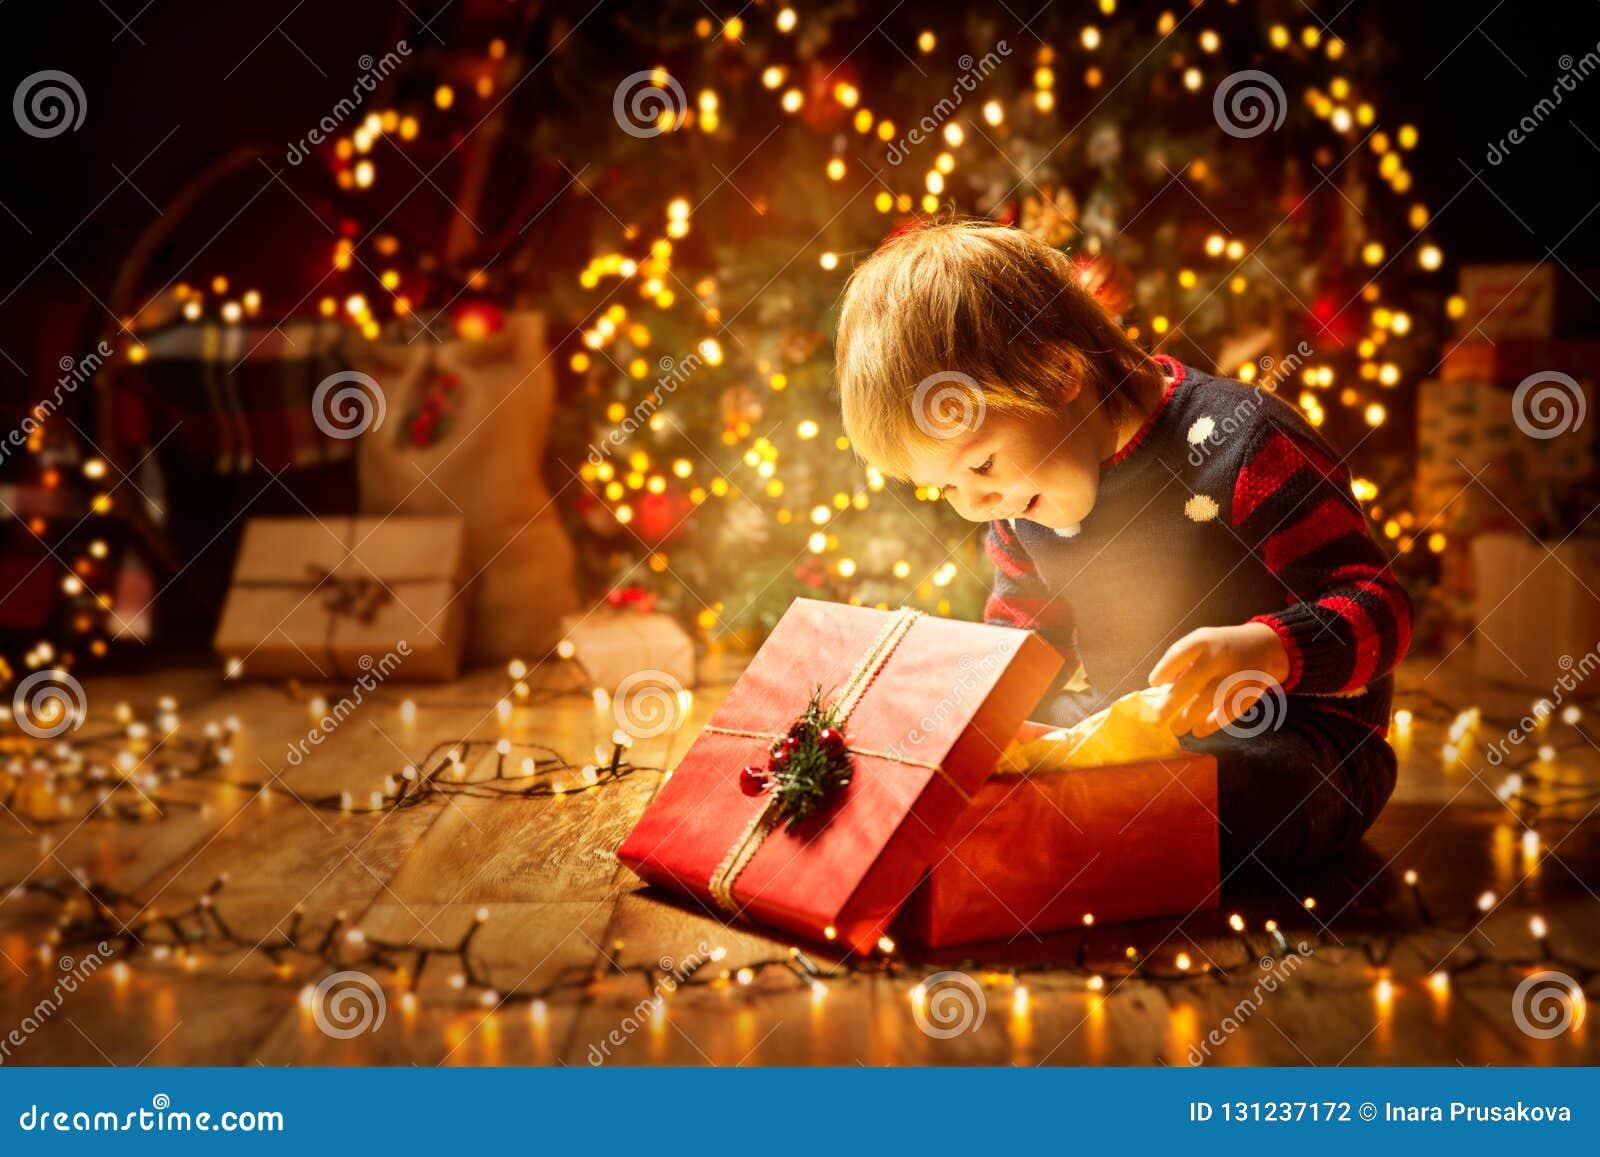 Weihnachtskinderoffenes anwesendes Geschenk, glückliches Baby, das Kasten schaut